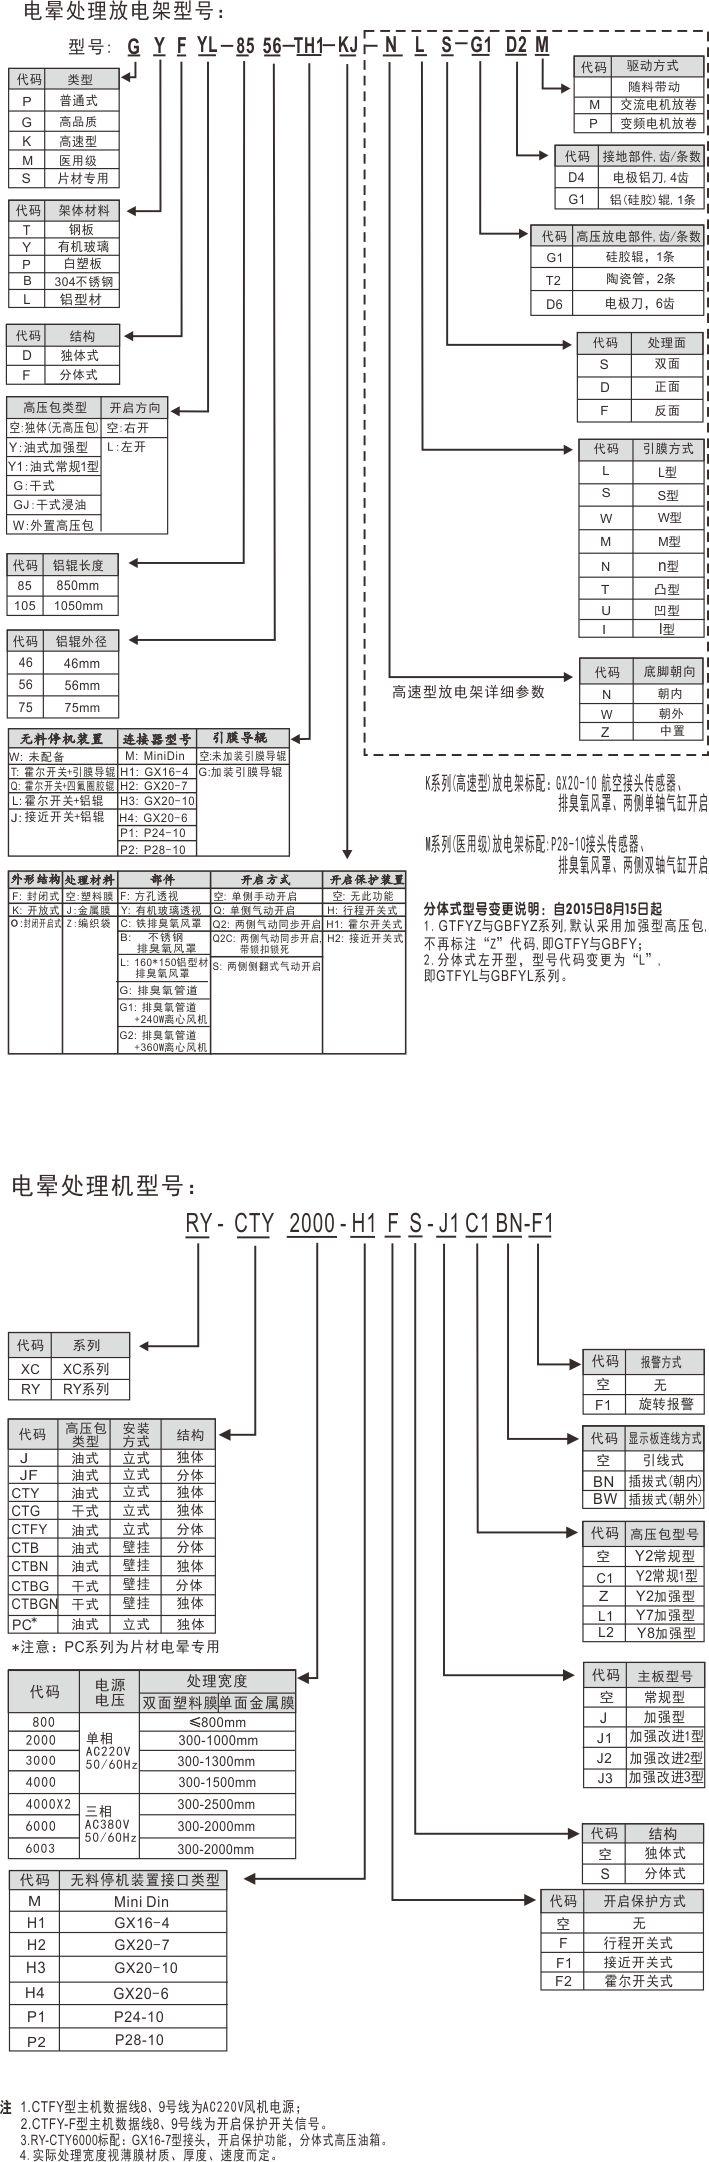 配套放电架参数: 规格型号 处理宽度(mm) 外形尺寸(mm) gbf-6556b 30